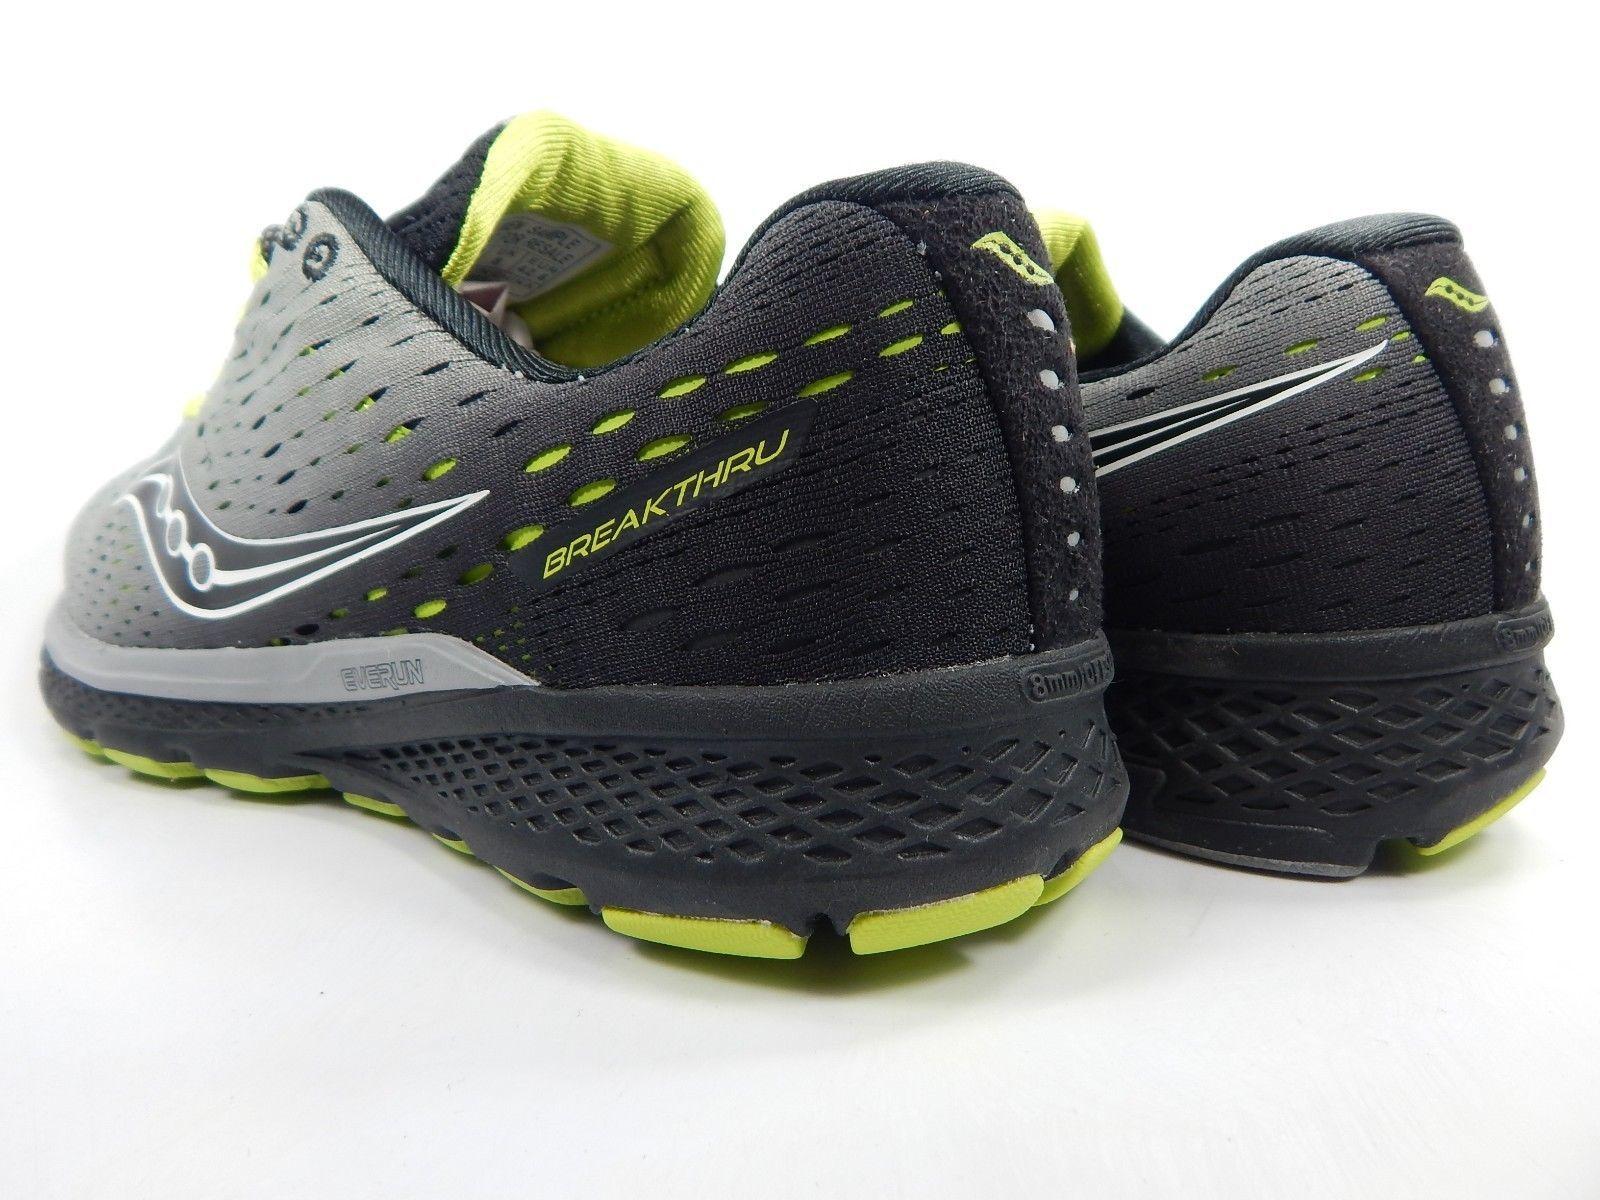 Saucony Breakthru 3 Men's Running Shoes Size US 9 M (D) EU 42.5 Grey S20358-2